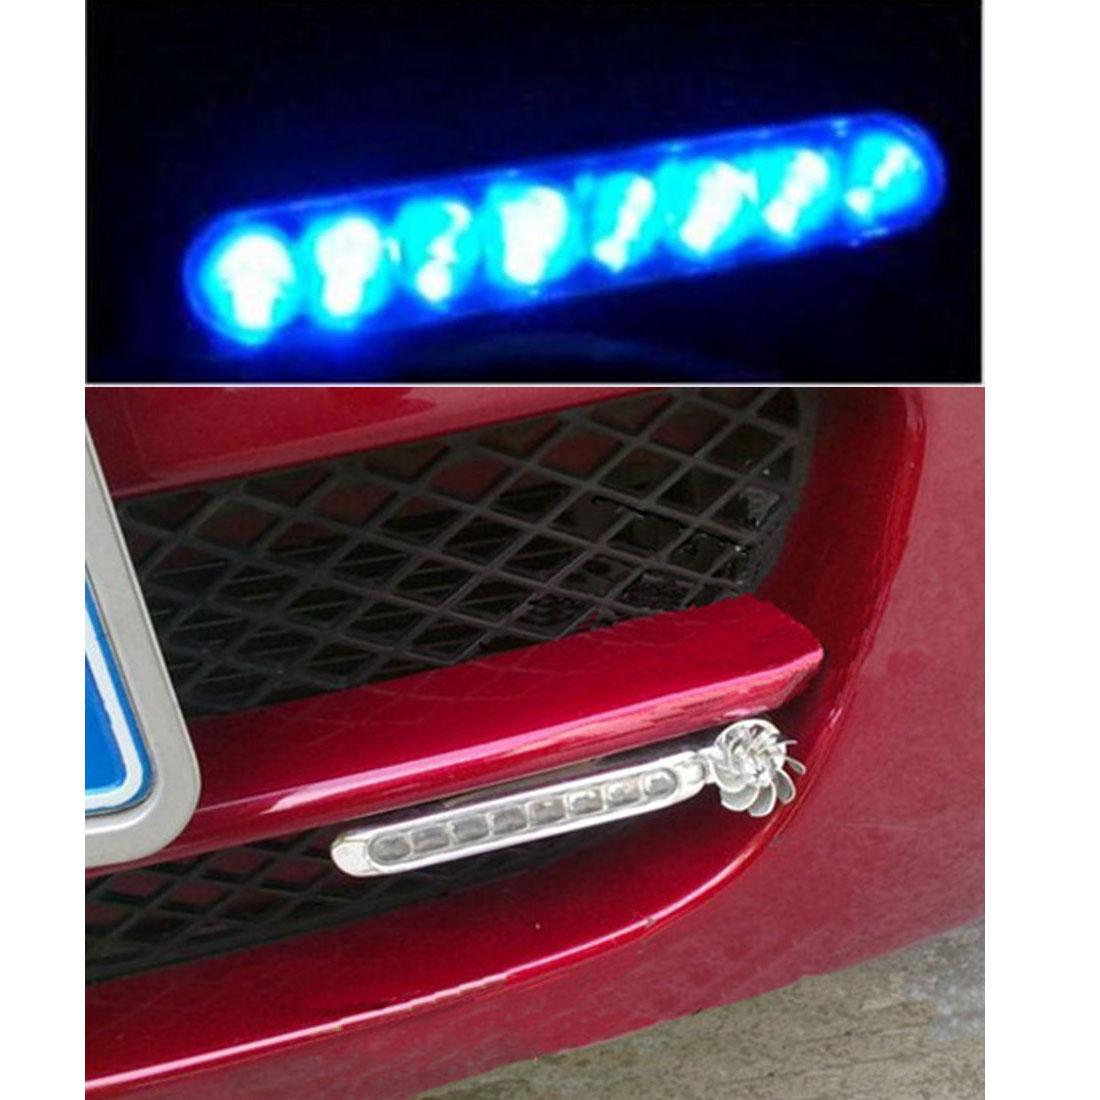 2x Wind Powered 8 LED SMD Car DRL Daytime Running Light Fog Head Bulb 12V New